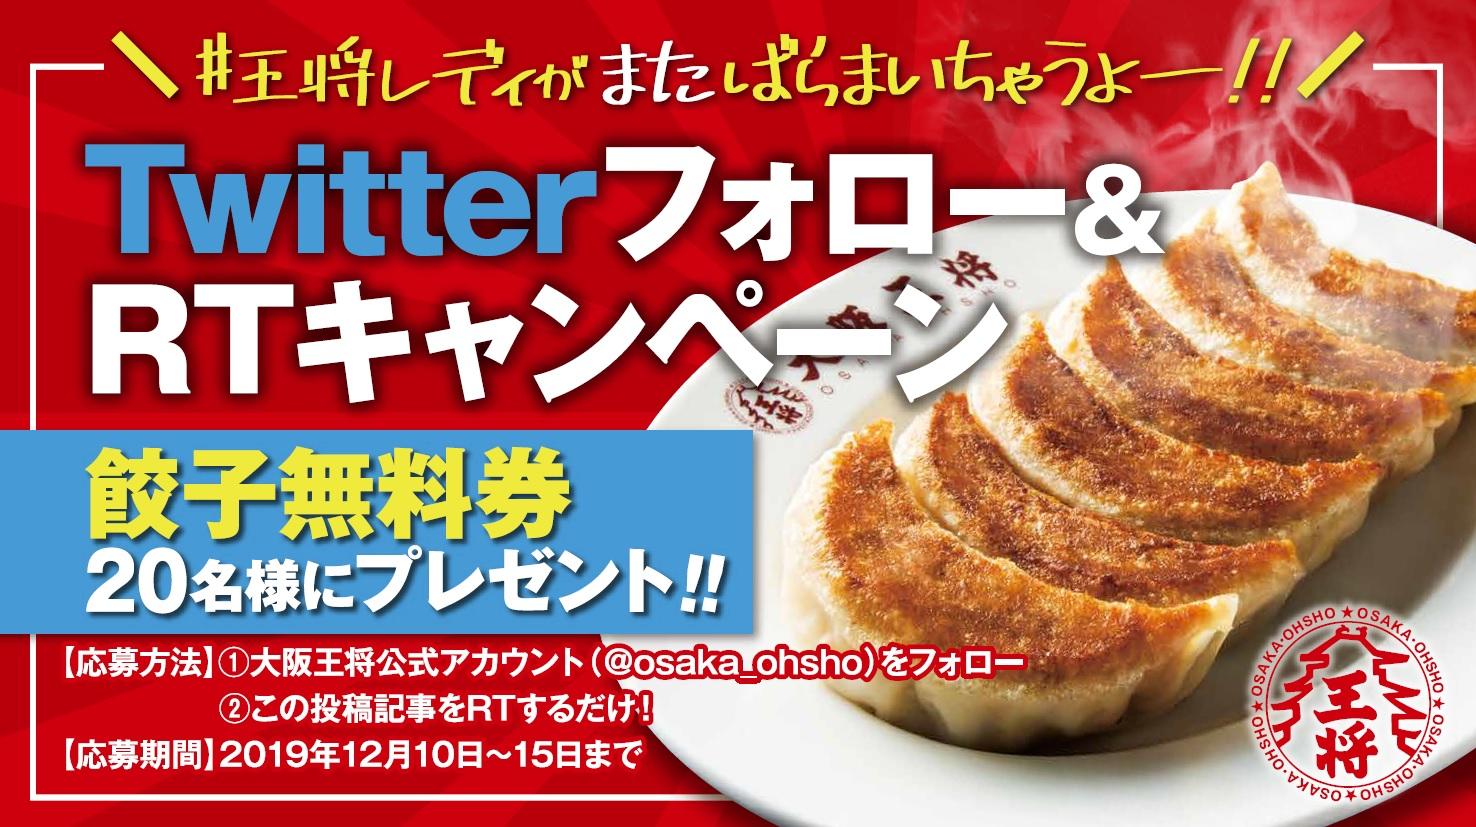 王将レディがまたばらまいちゃうよ!大阪王将Twitterフォロー&RTキャンペーンを12月10日から... 画像